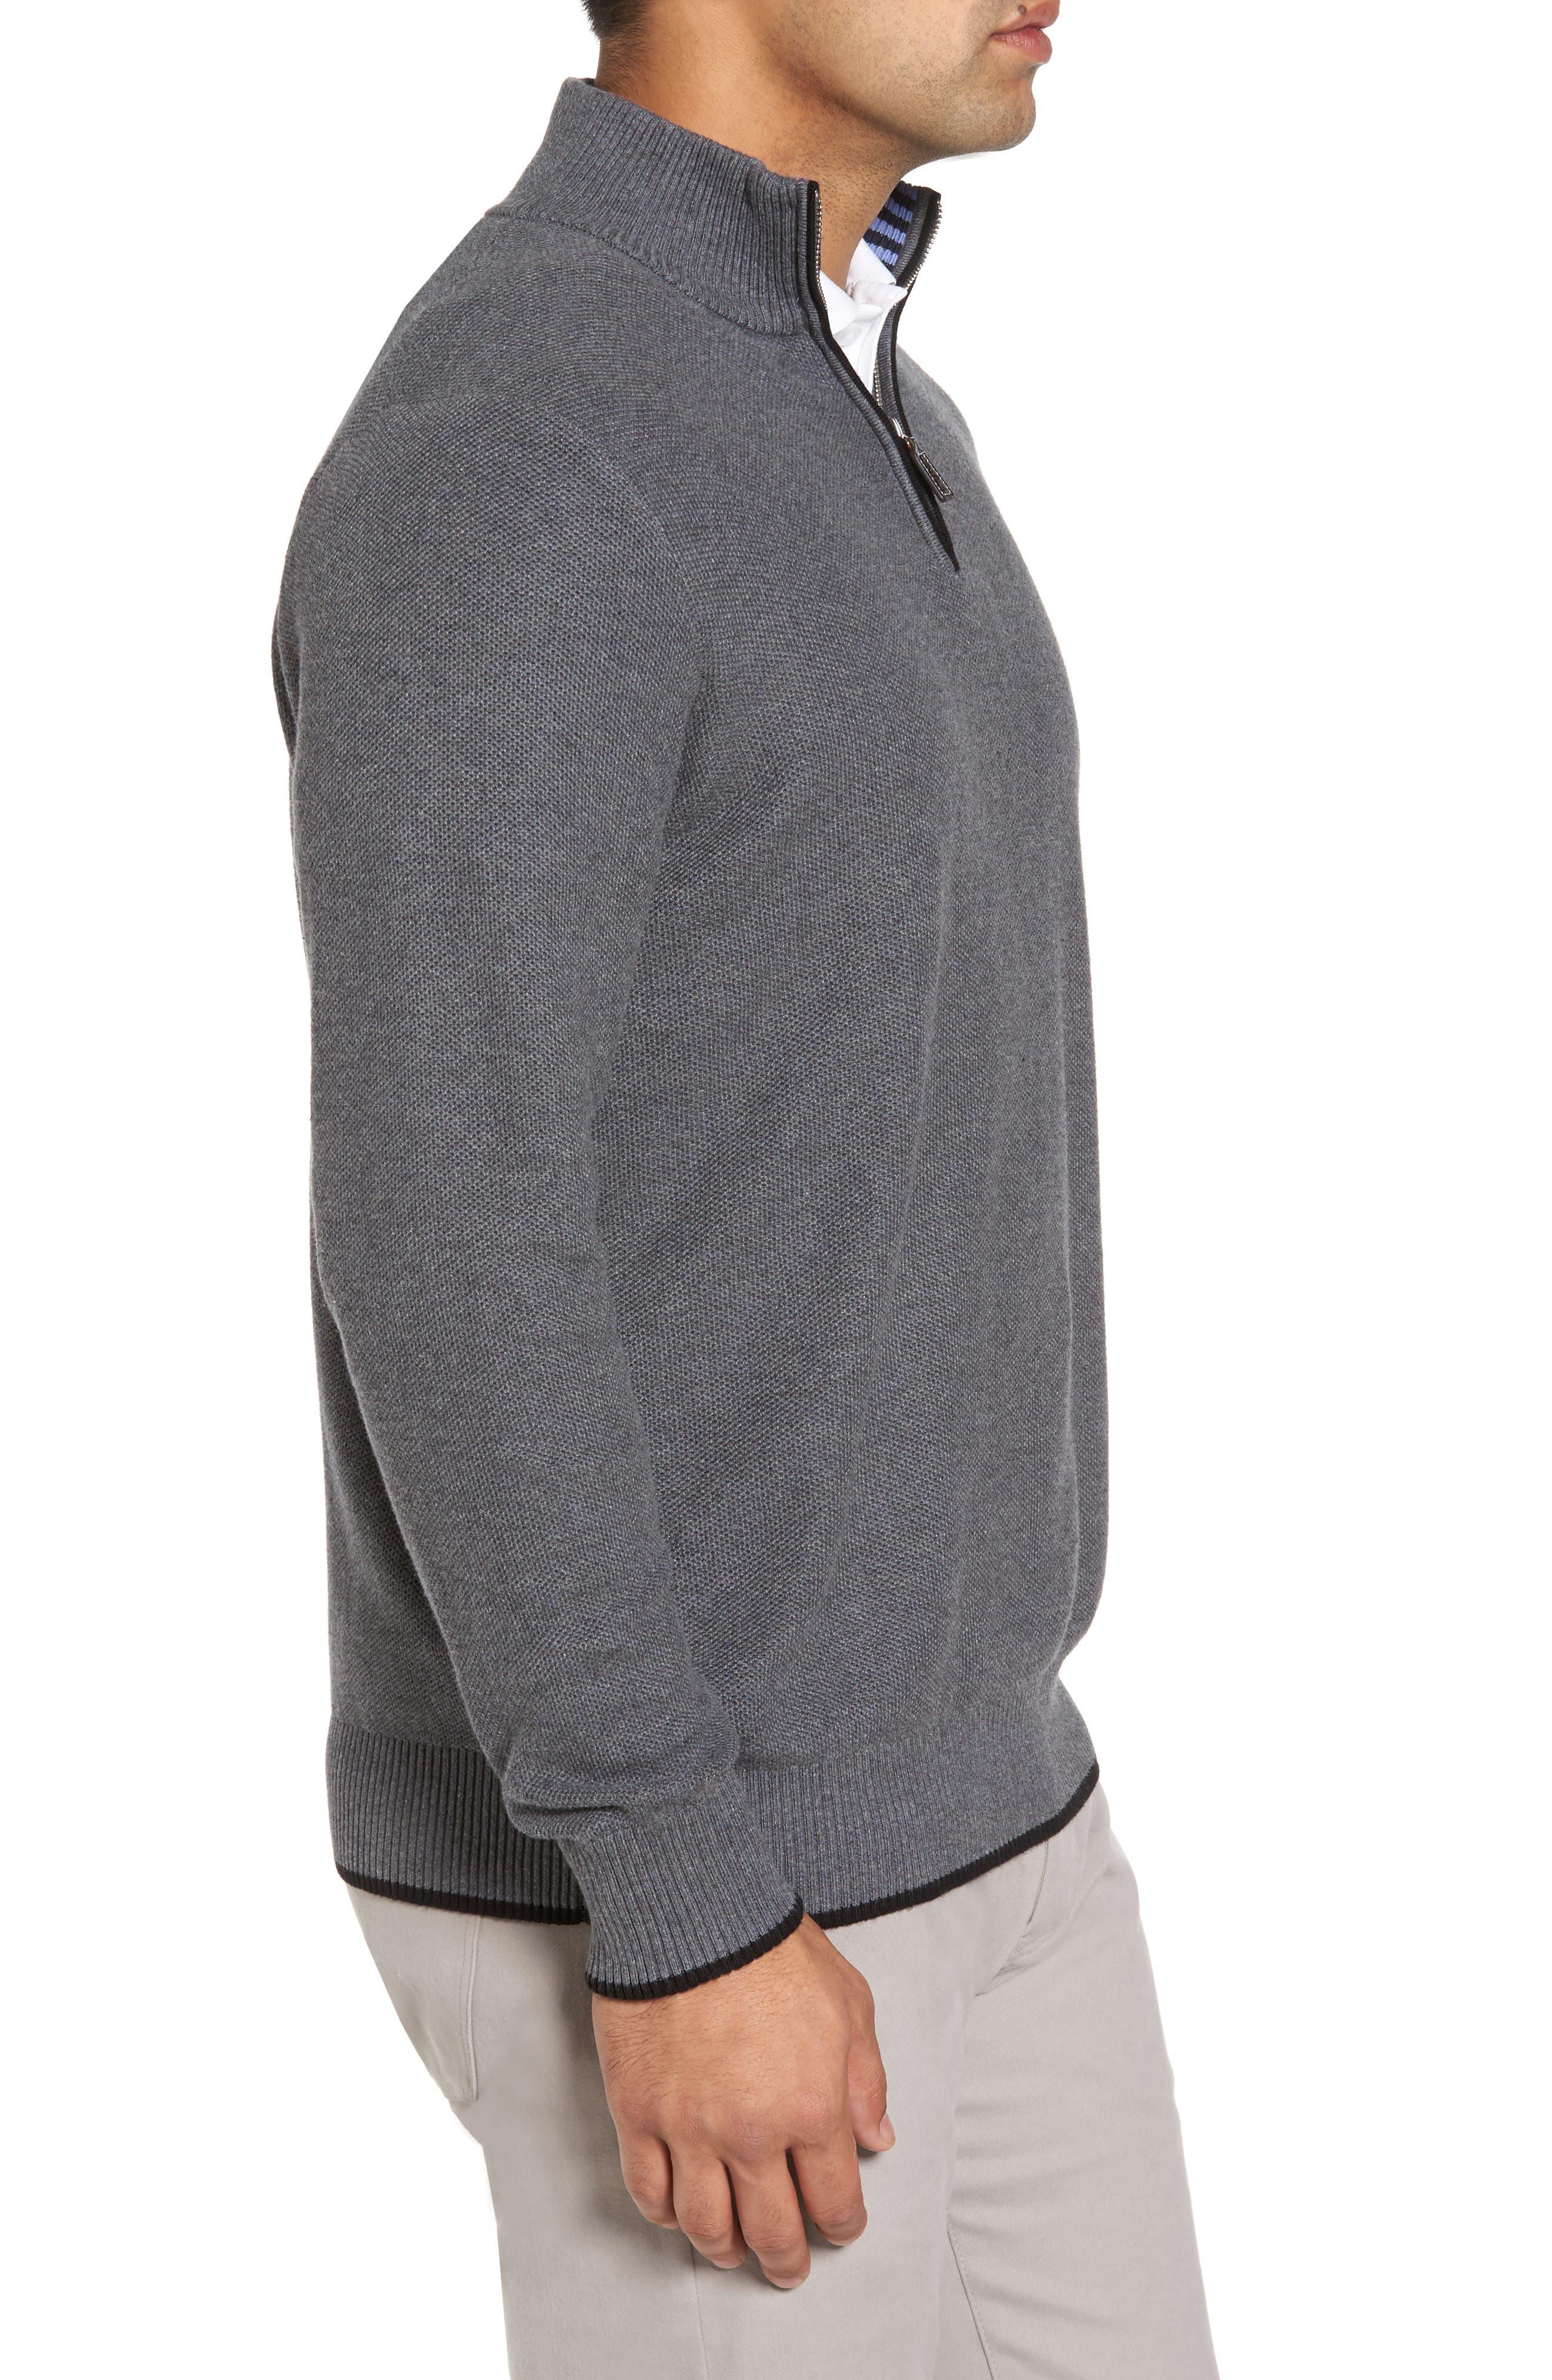 Alternate Image 3  - TailorByrd Kinder Quarter Zip Pullover